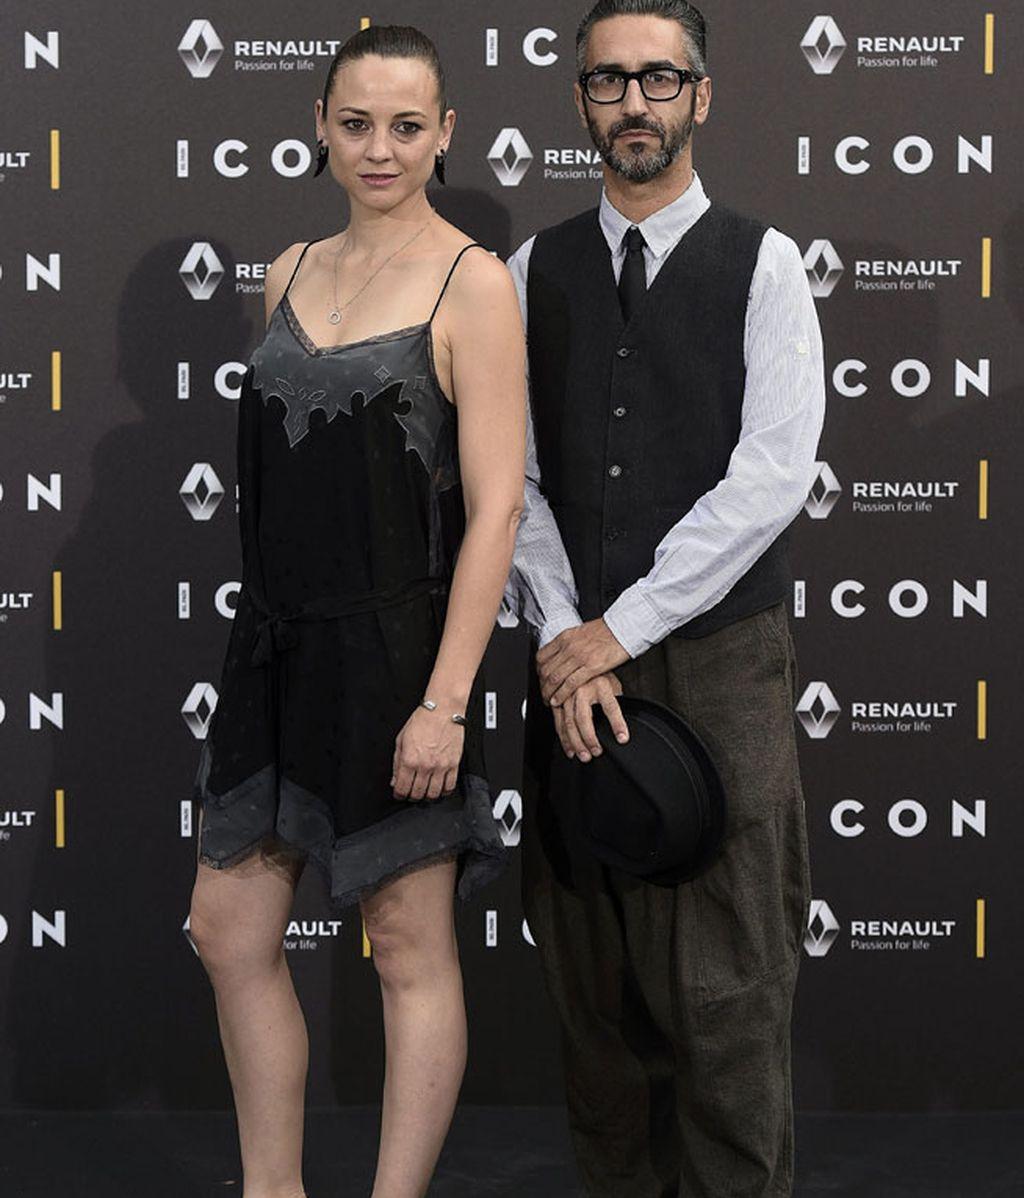 Leonor Watling con vestido lencero negro